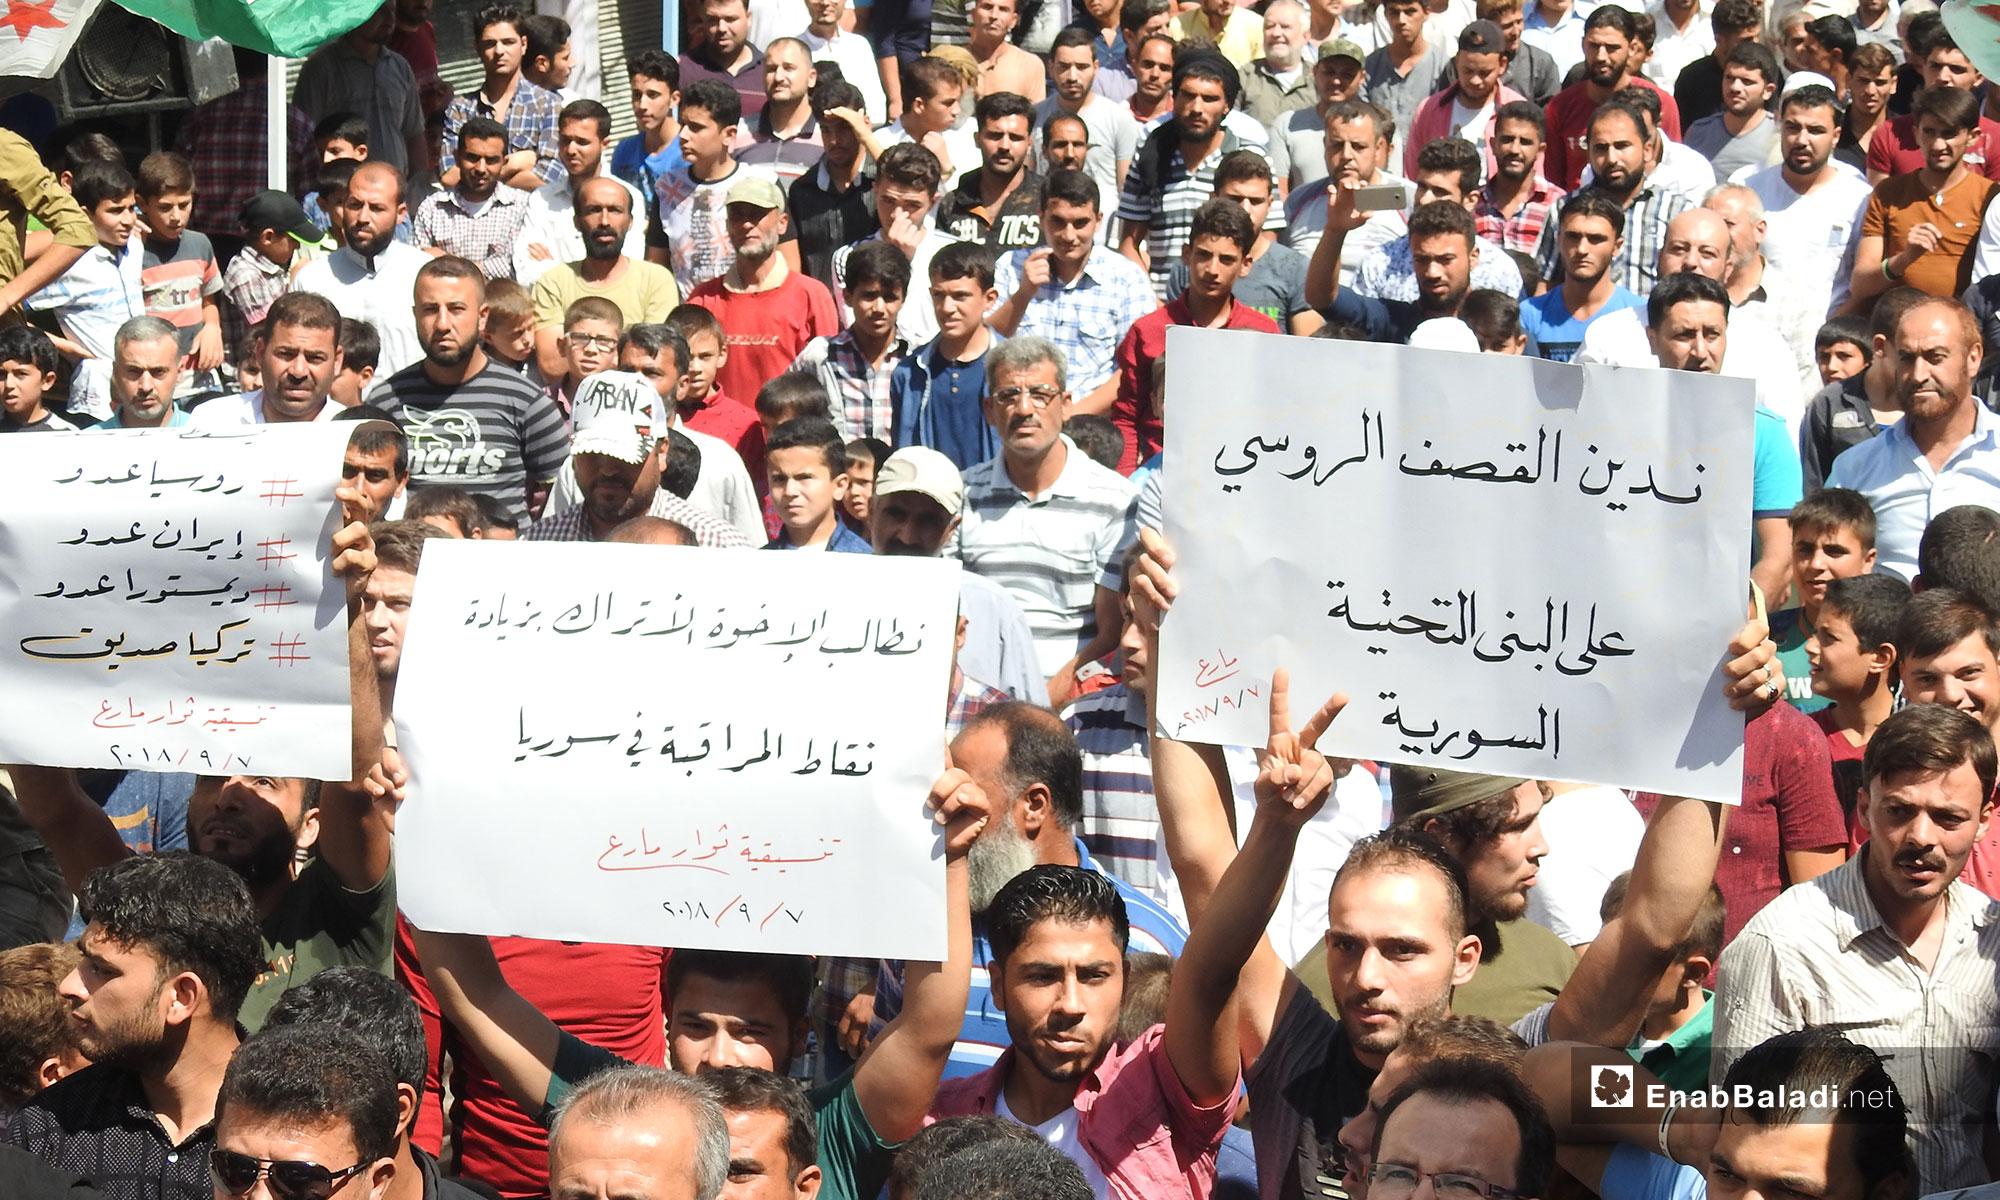 مظاهرة في بلدة مارع رفضًا للتدخل الروسي في إدلب - 7 من أيلول 2018 (عنب بلدي)